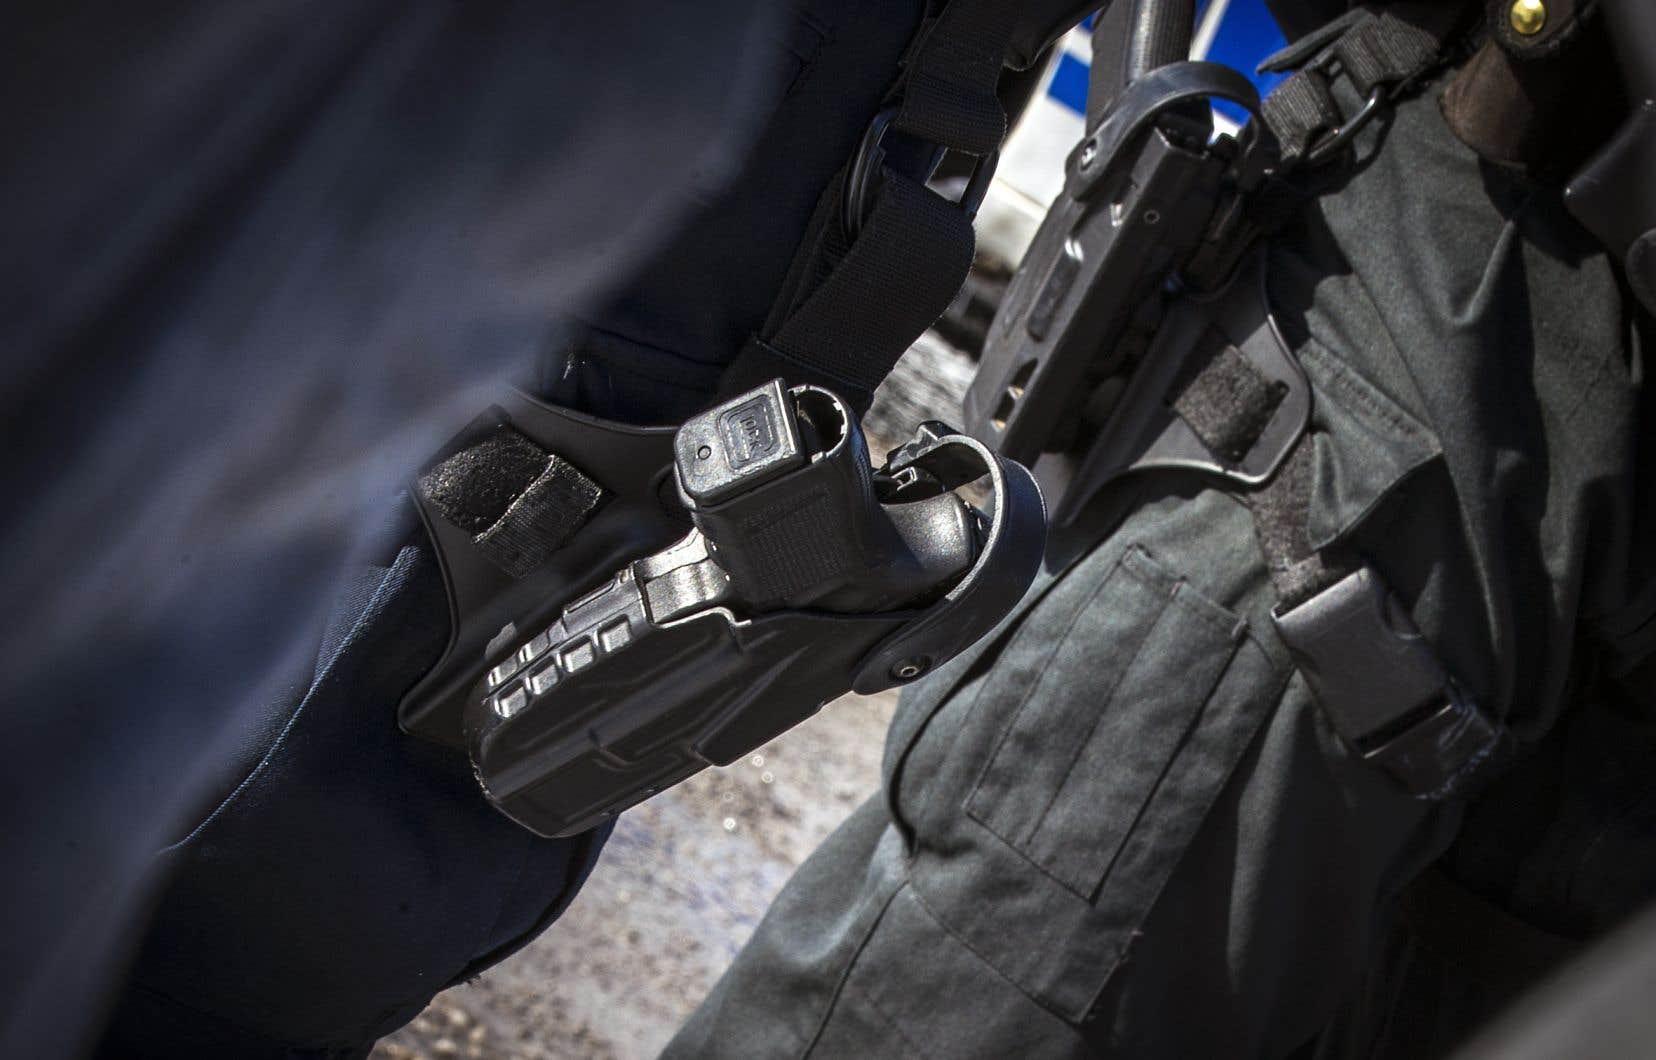 Comme cela se fait dans plusieurs pays européens, seules les brigades spécialisées du SPVM devraient être munies d'armes, ont convenu les militants.